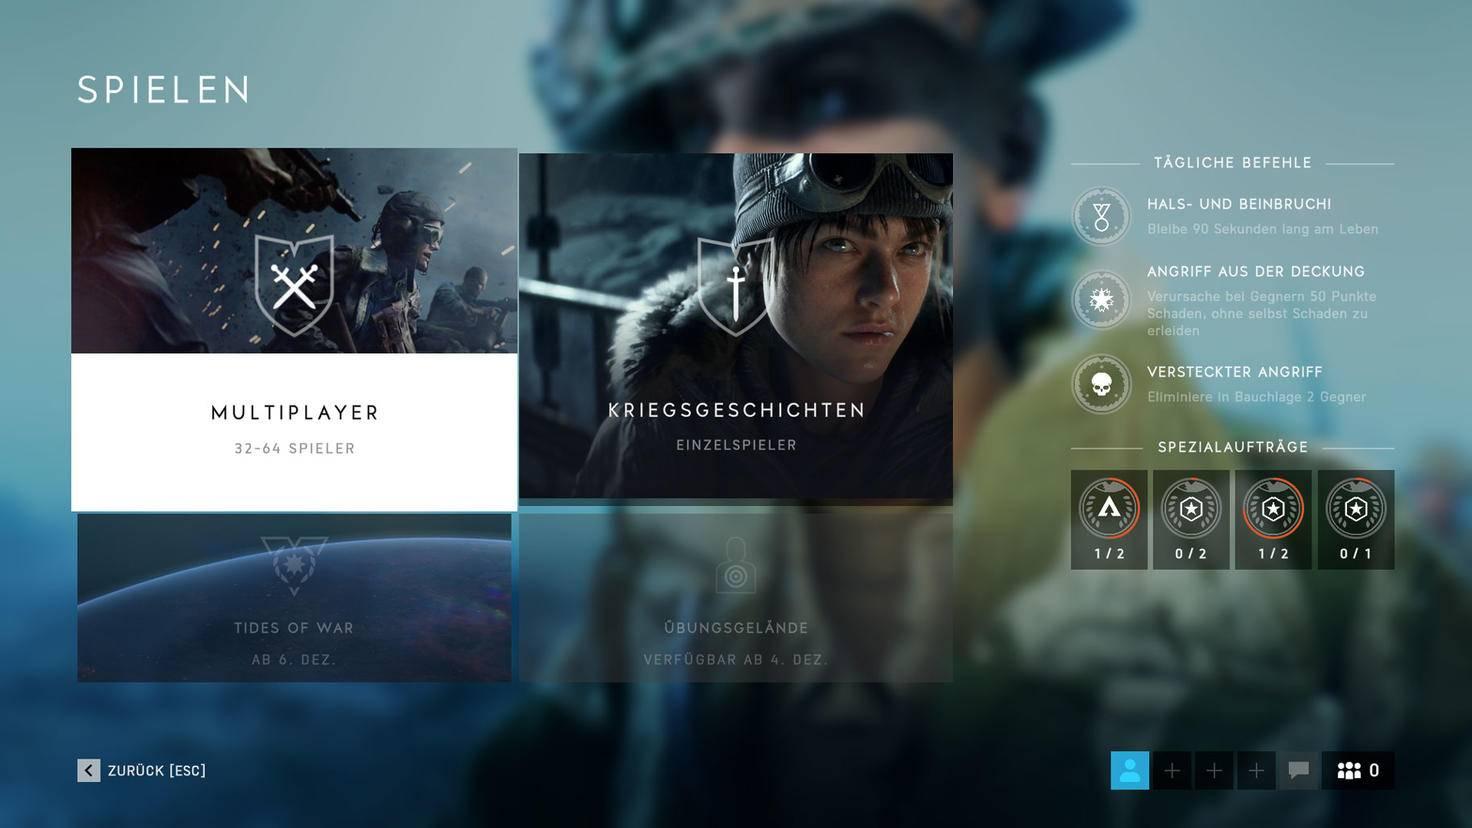 battlefield-5-menue-screenshot